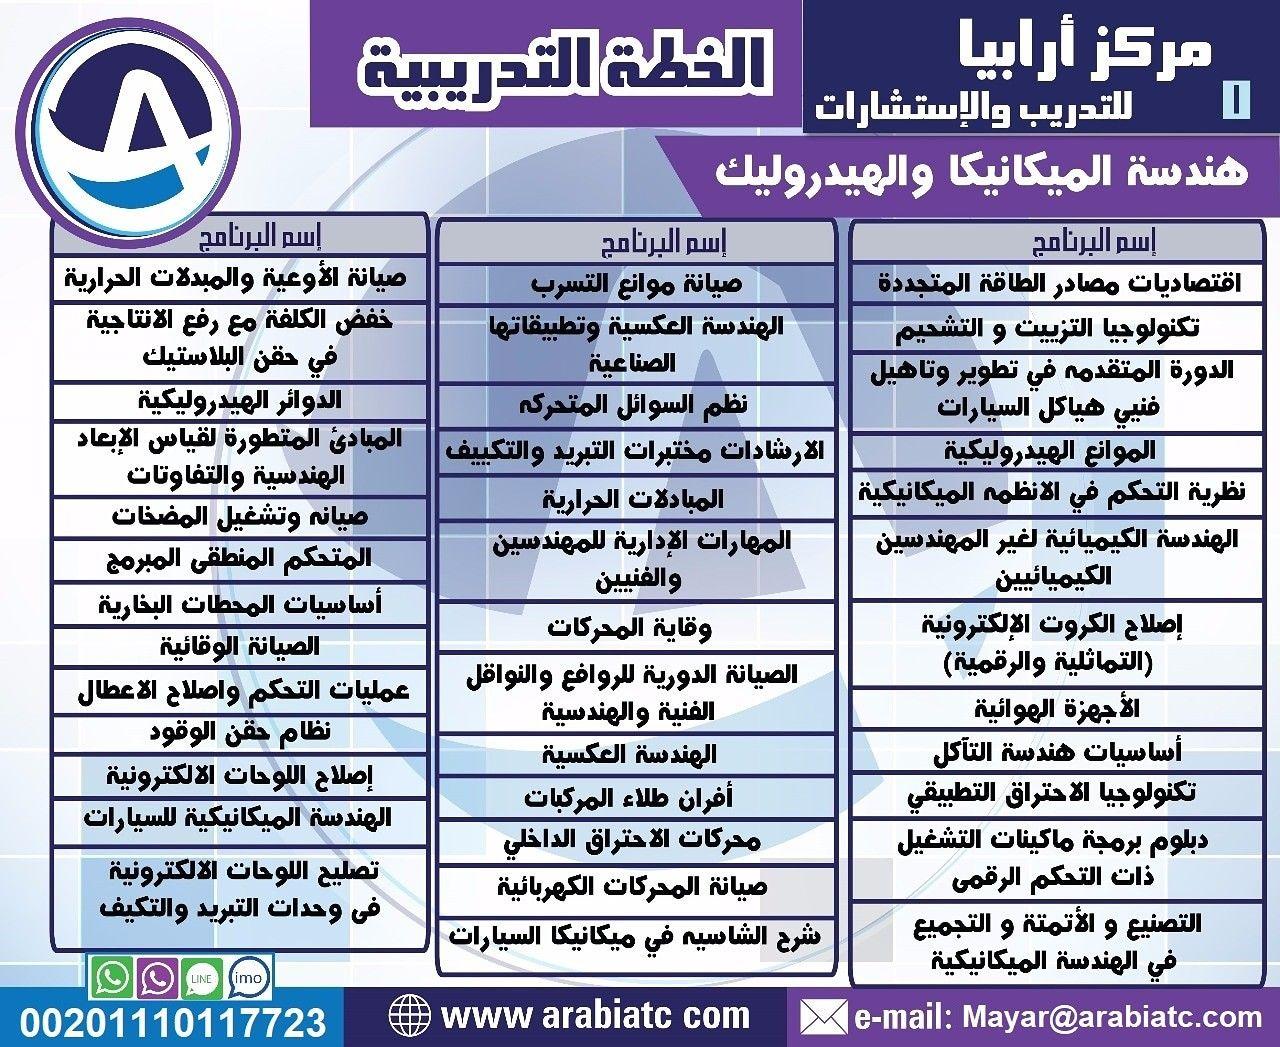 يتشرف مركز ارابيا للتدريب بتقديم اقوى البرامج التدريبية في مجال دورات هندسة الميكانيكا والهيدروليك المملكة العربية السعودية الرياض جدة مك Mobile Boarding Pass